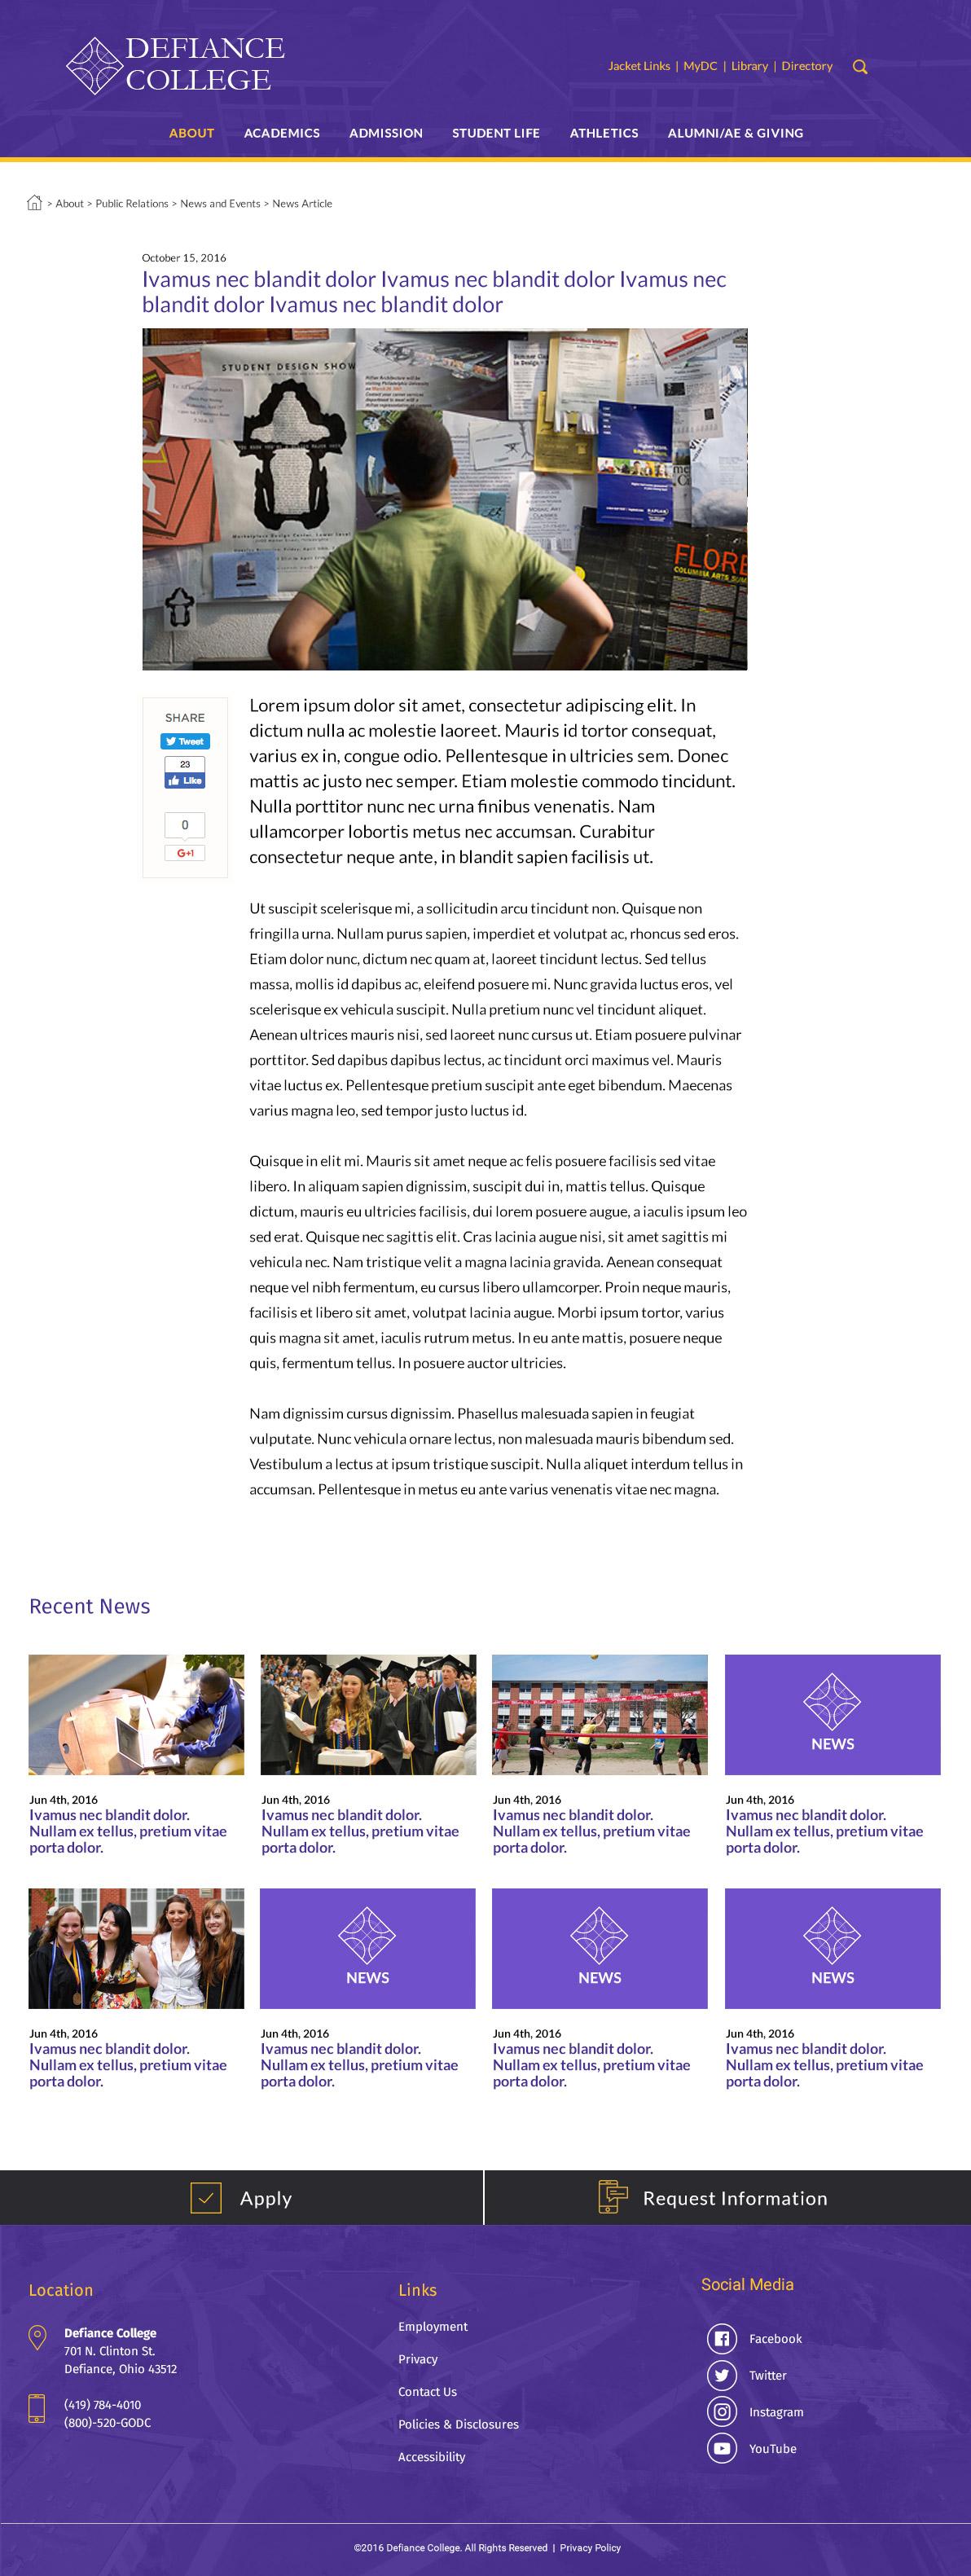 defiancecollege-newspage-tier-4-1170-design2a